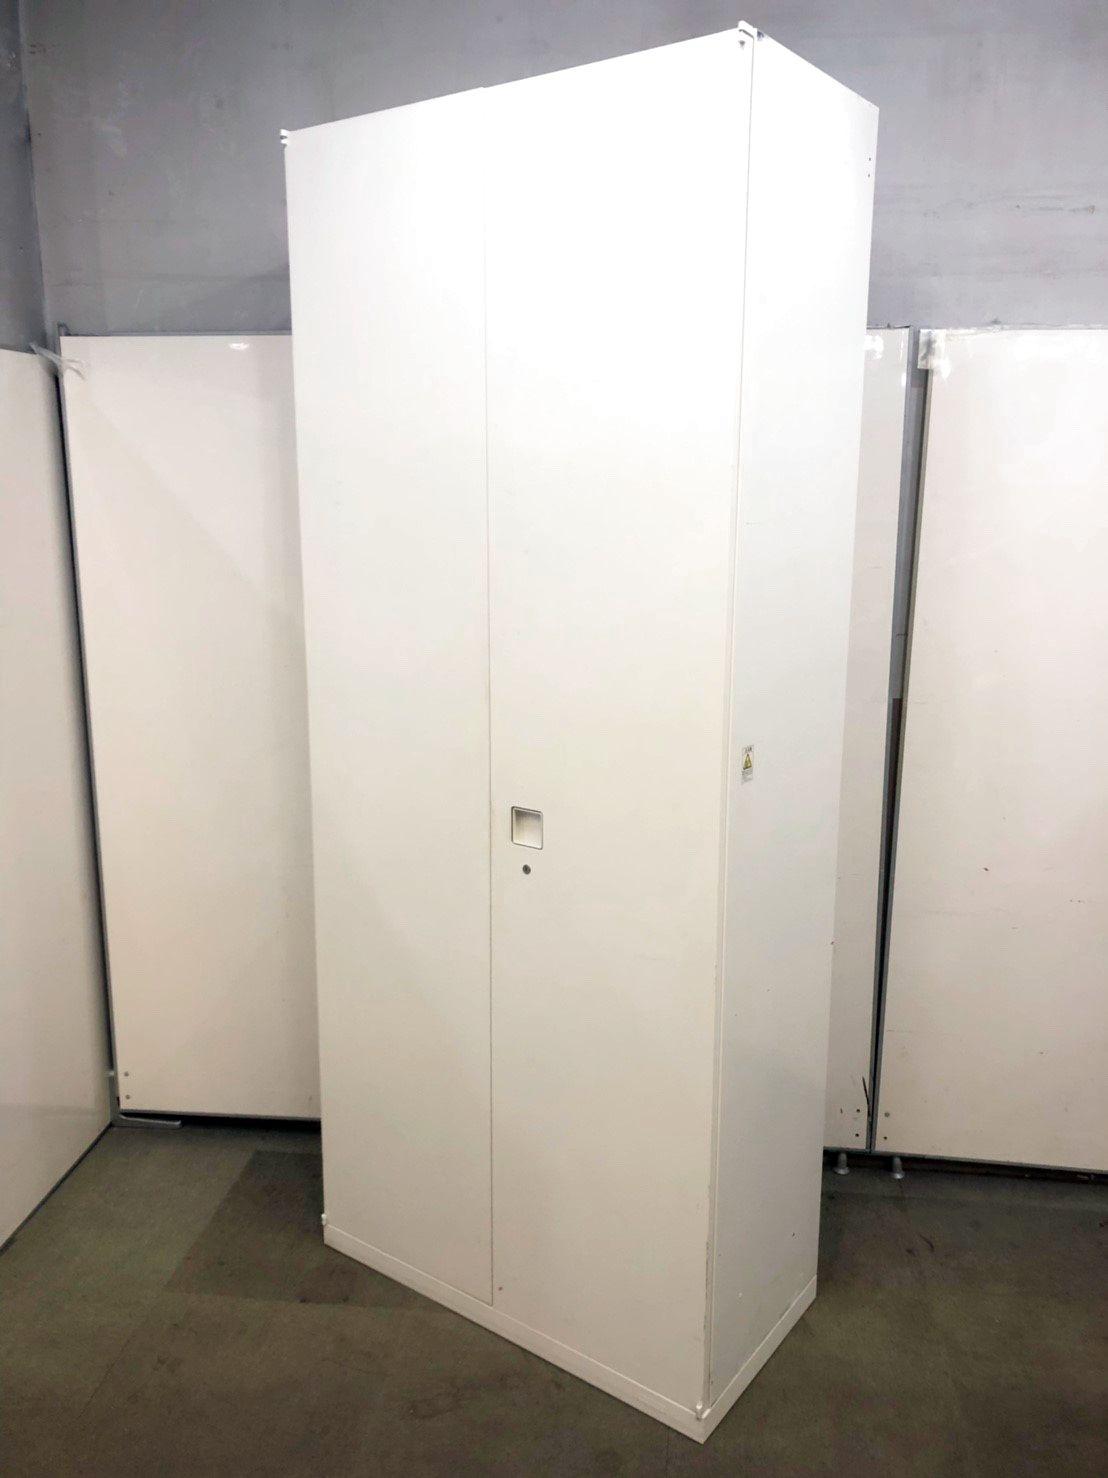 【人気のホワイト色】施錠可能でたくさん収納できます。